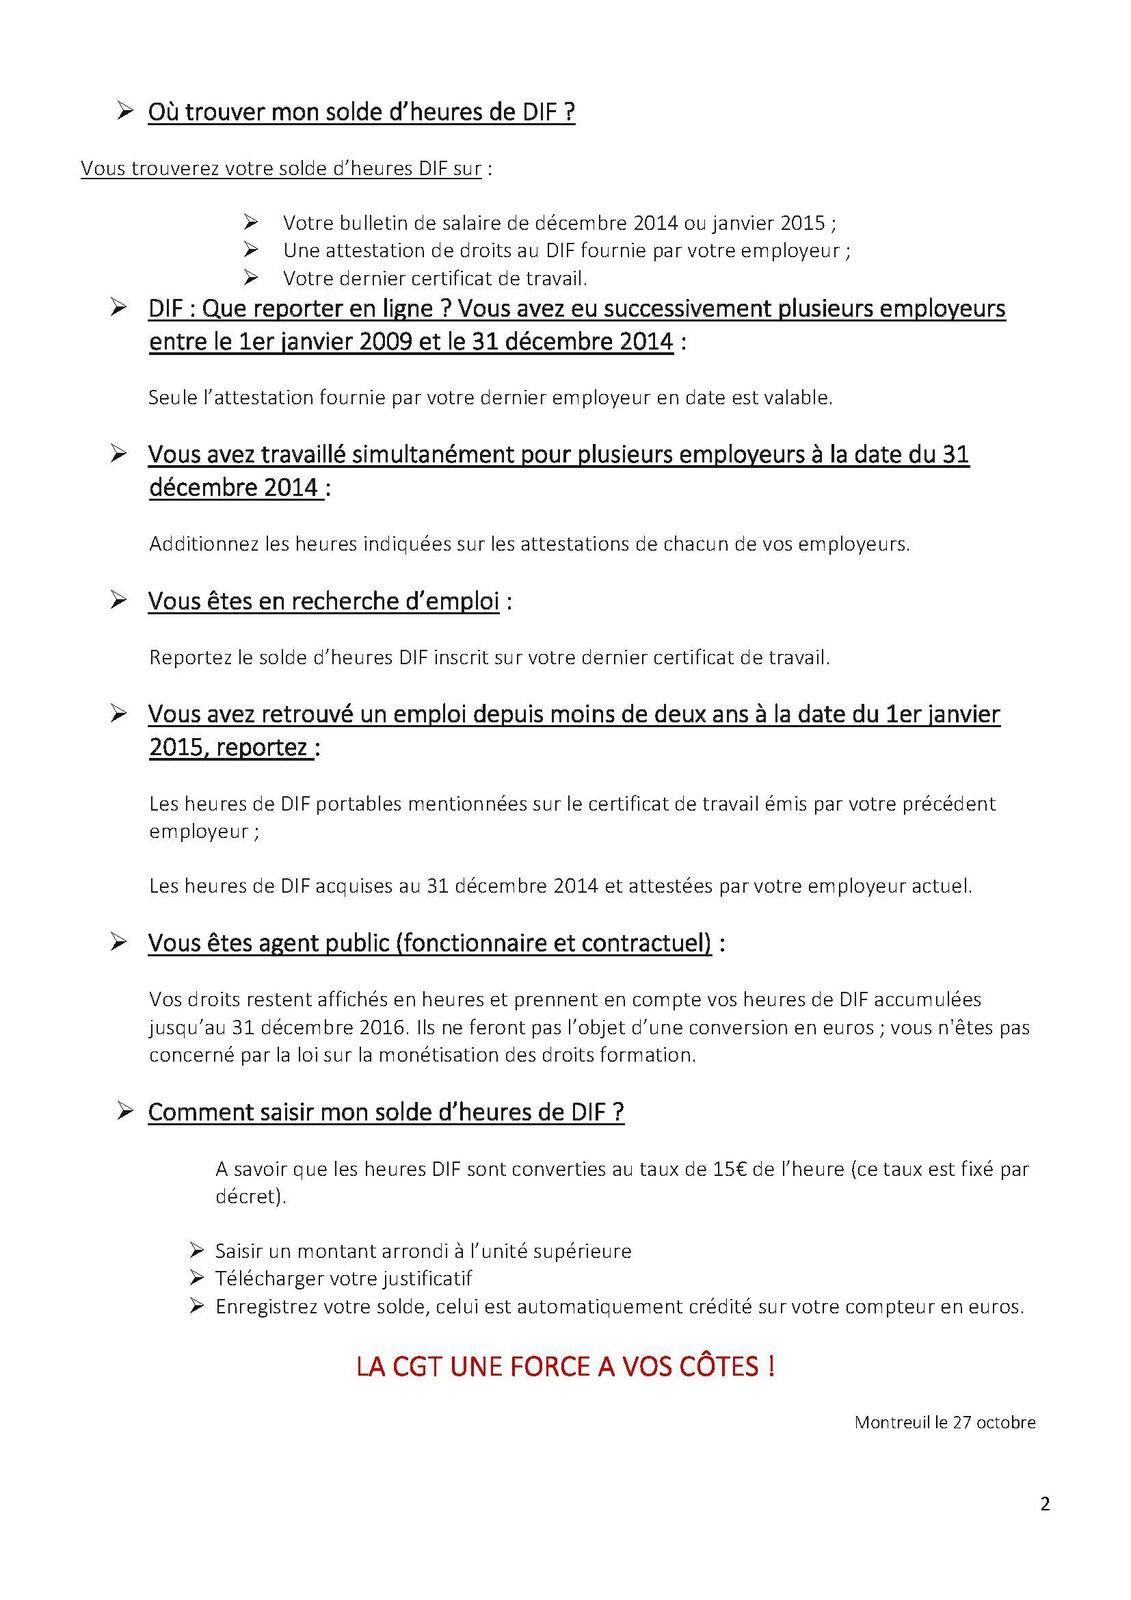 FORMATION PROFESSIONNELLE QUESTION/REPONSE SUR LE DIF – LA CGT KORIAN VOUS INFORME.